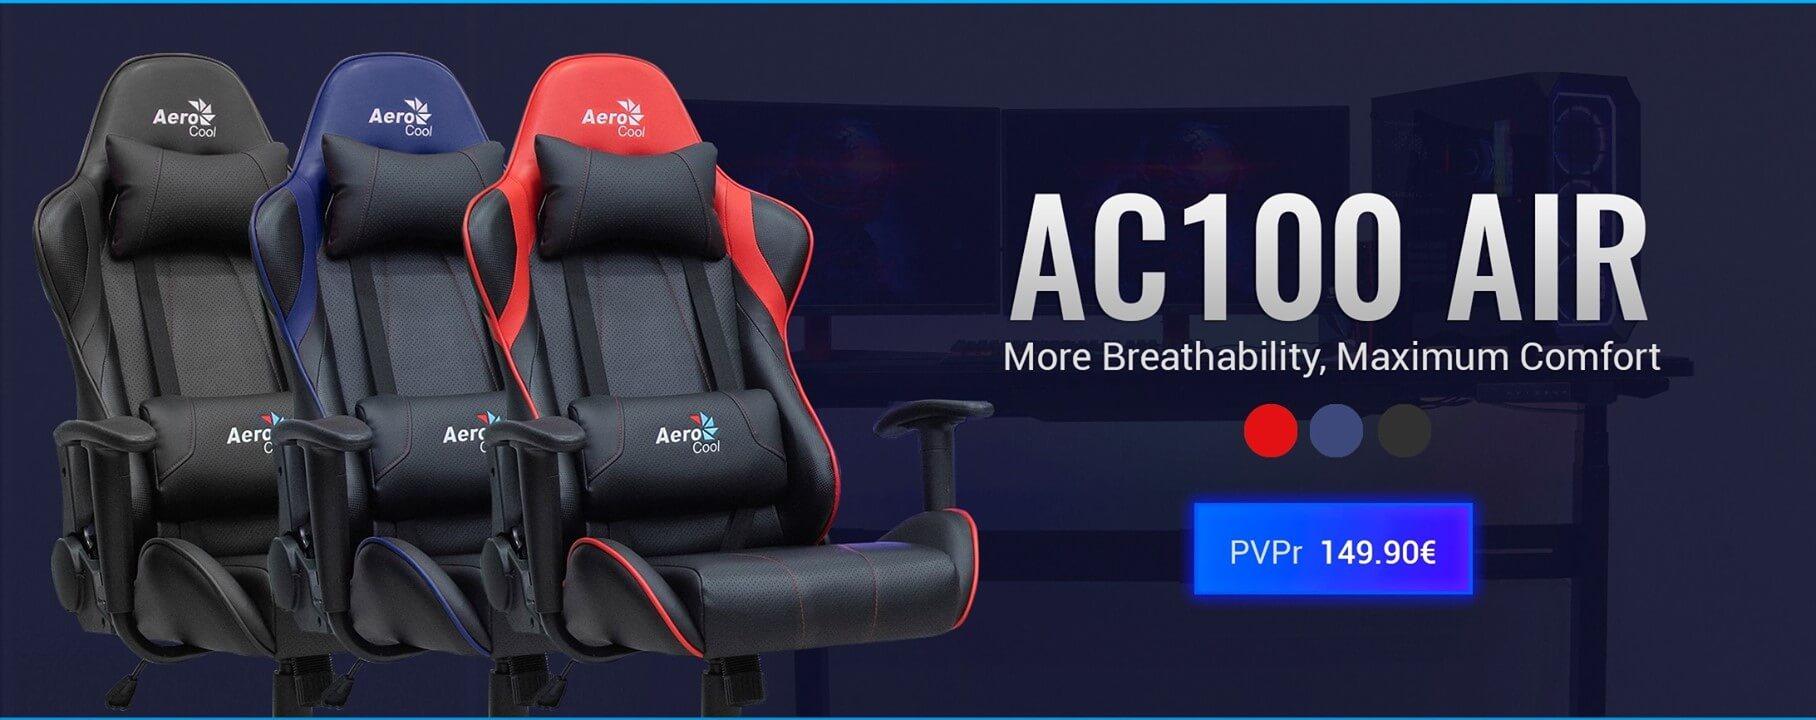 Aerocool De Silla Gaming Tecnolocura DefinitivaAc100 La Air 76YbvyfIg